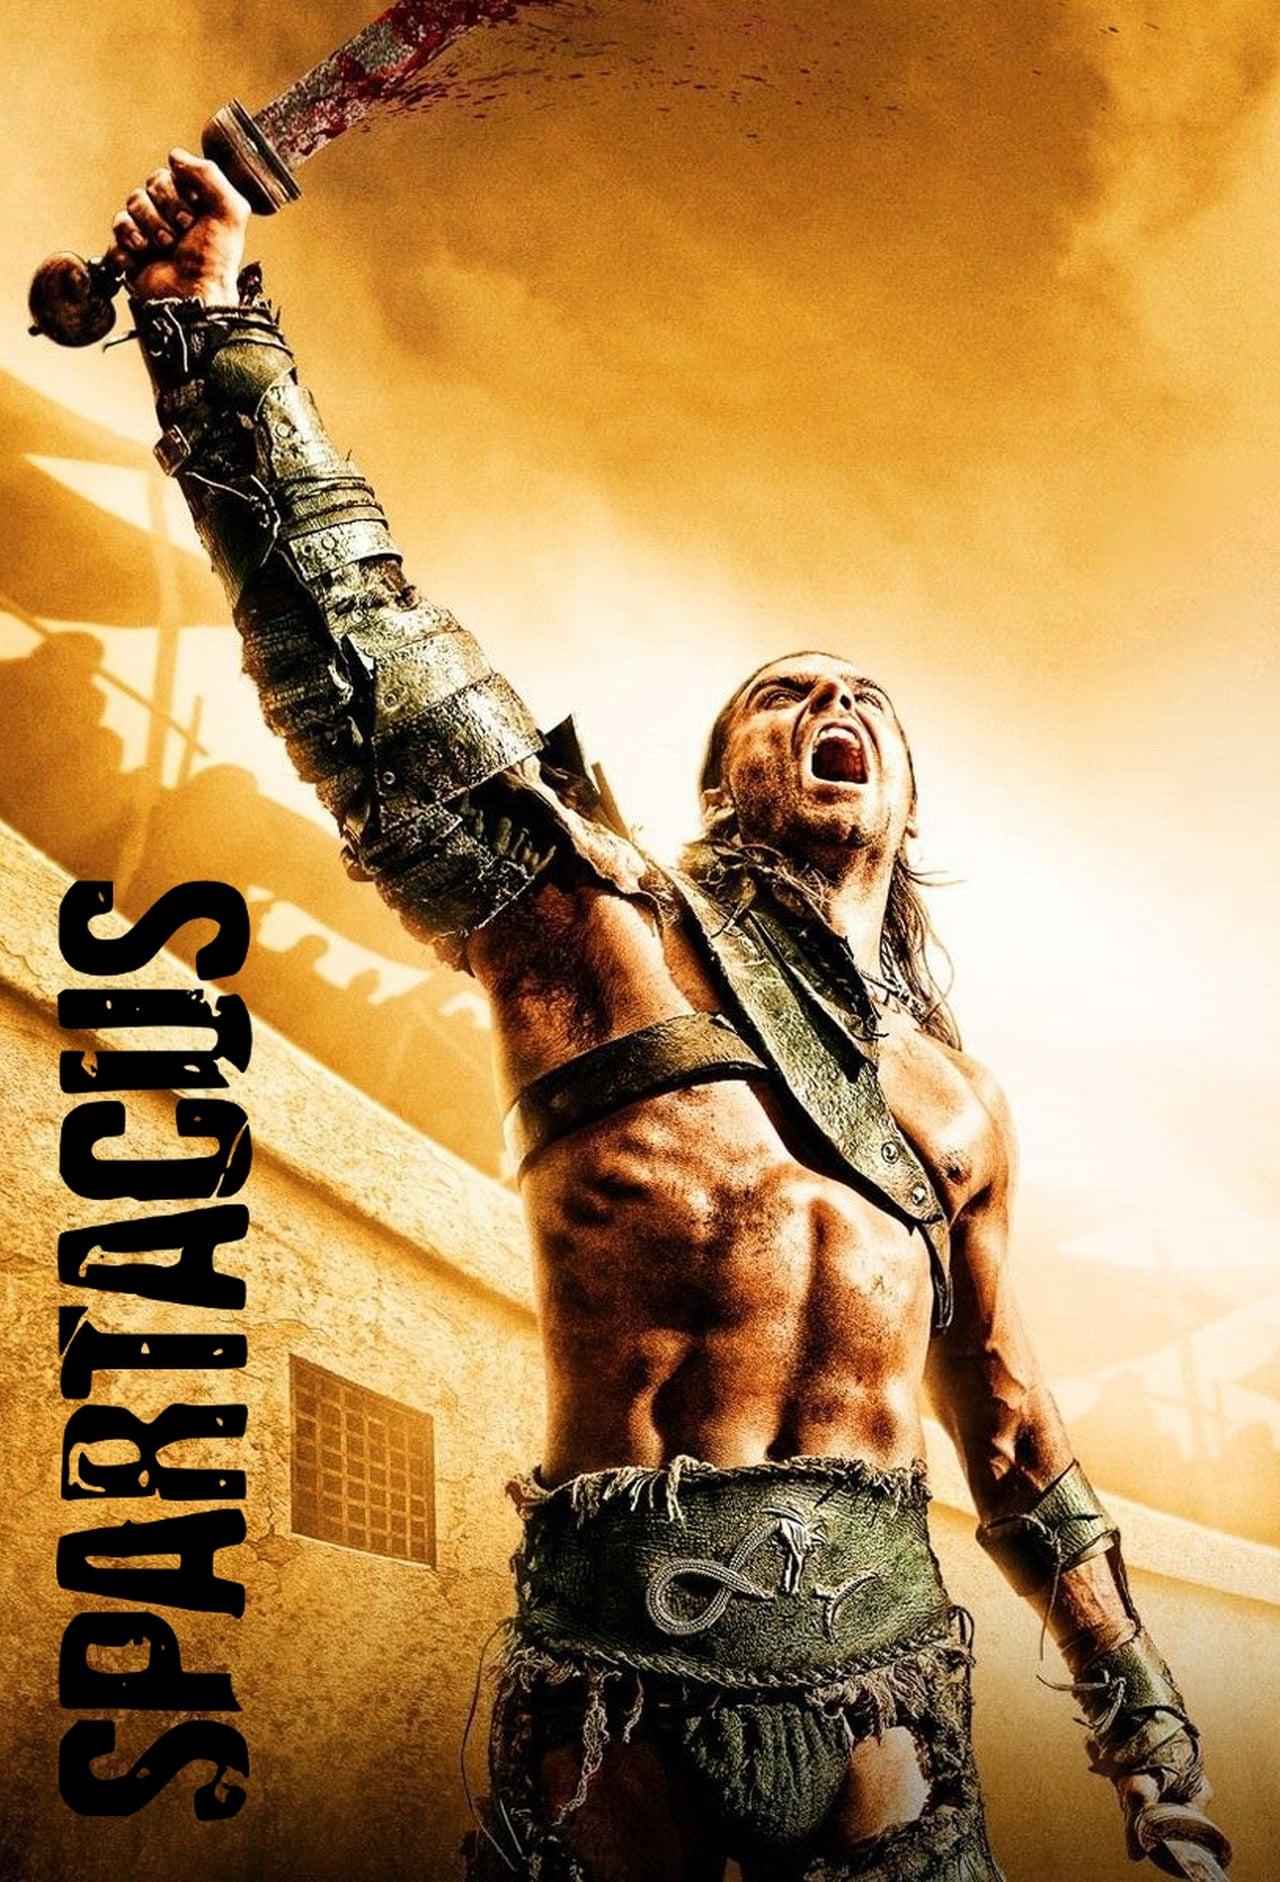 Ver Spartacus (2010) Online Latino - PelisPlus